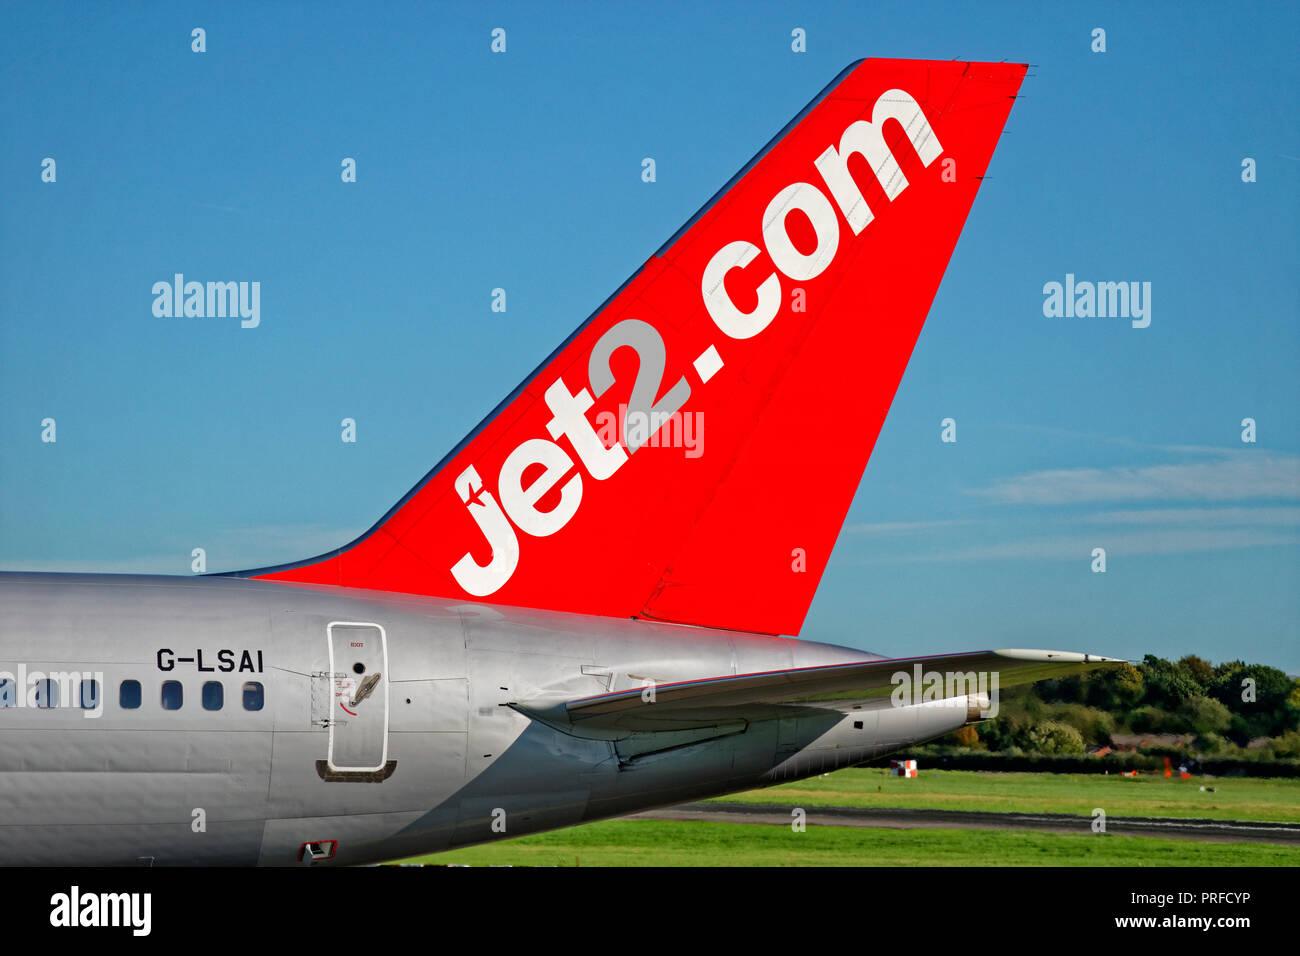 Jet2.com aircraft tail fin. - Stock Image